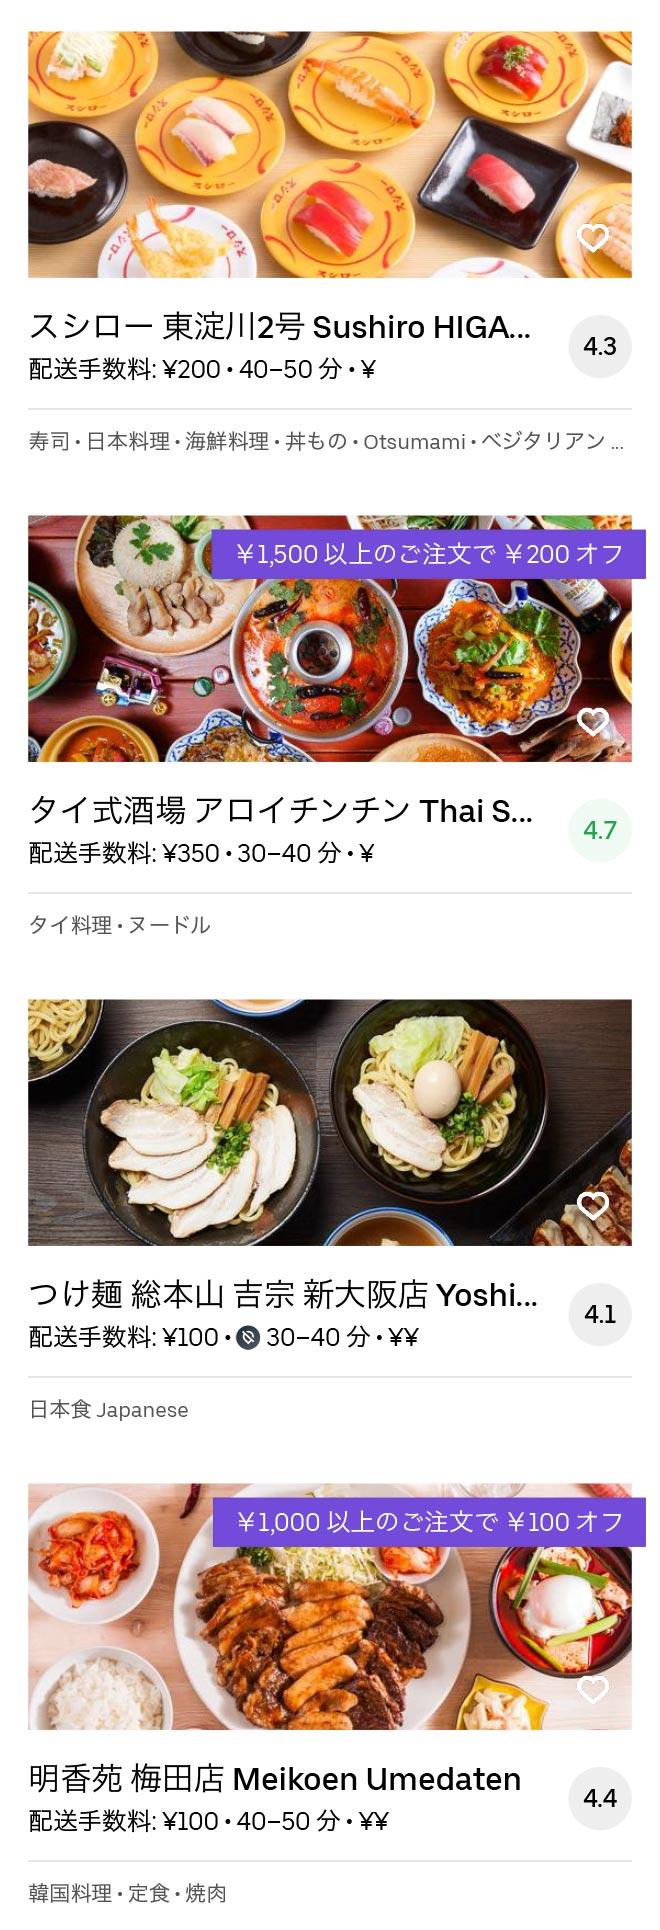 Osaka shin osaka menu 2005 09